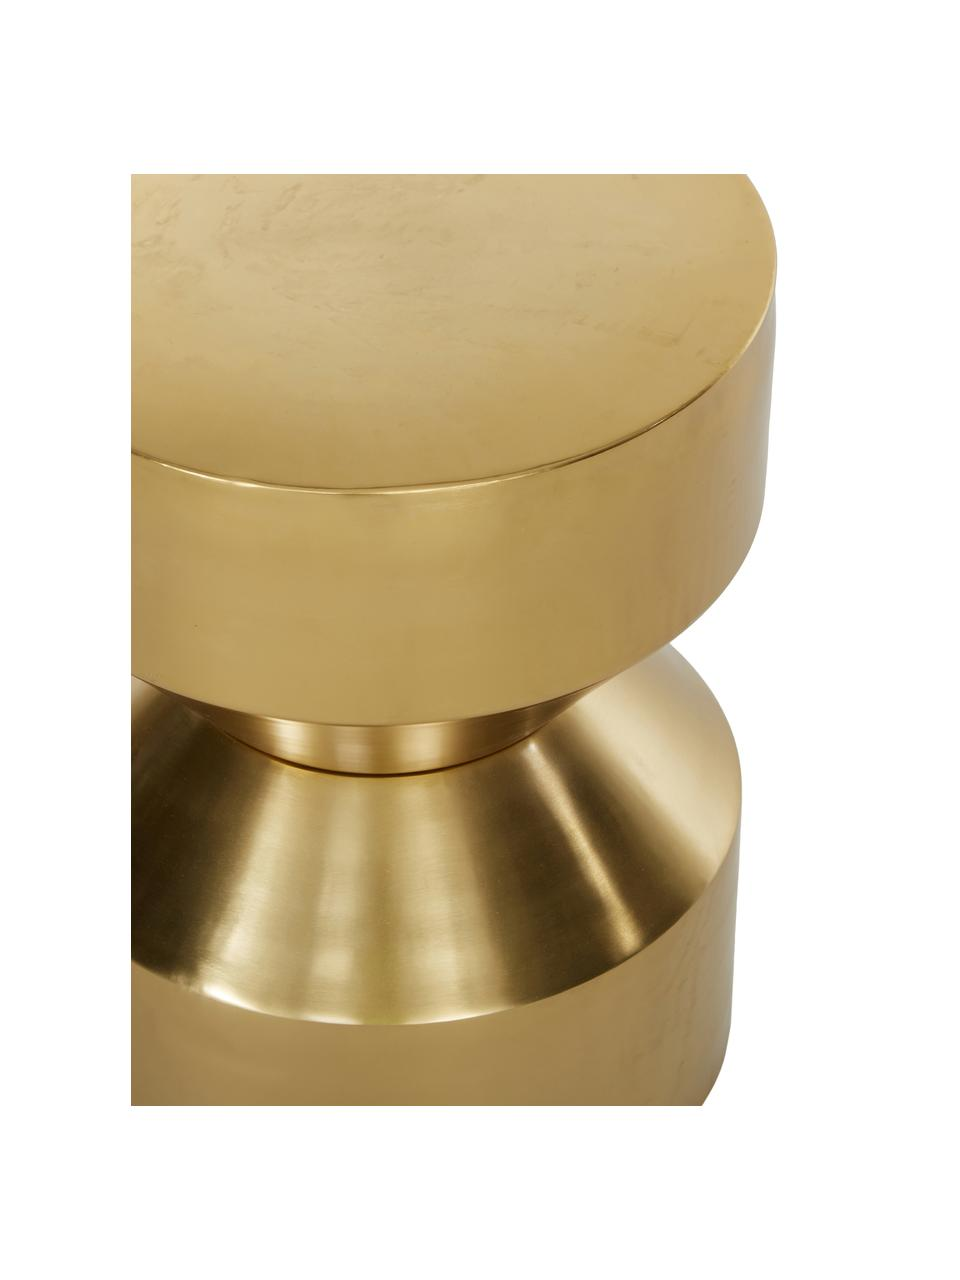 Beistelltisch Juliana, Metall, beschichtet, Goldfarben, leicht glänzend, Ø 36 x H 45 cm